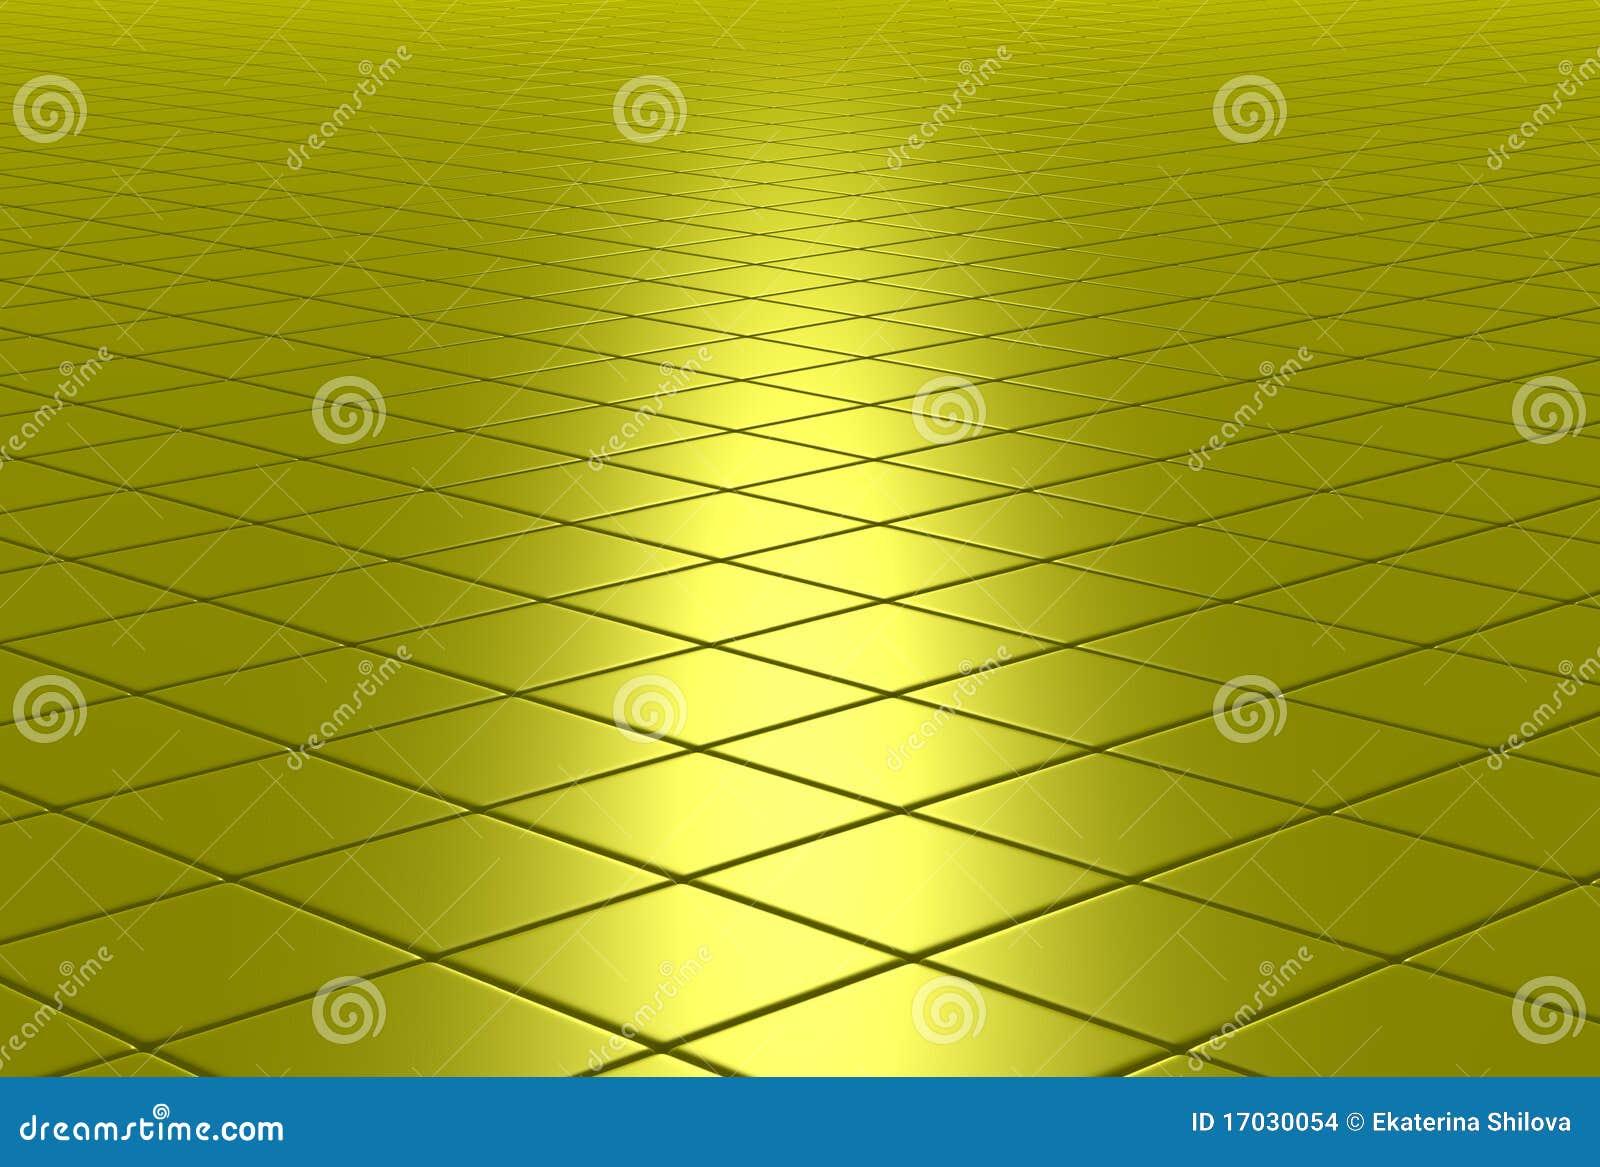 Suelo embaldosado brillante del oro stock de ilustraci n for Suelo negro brillante